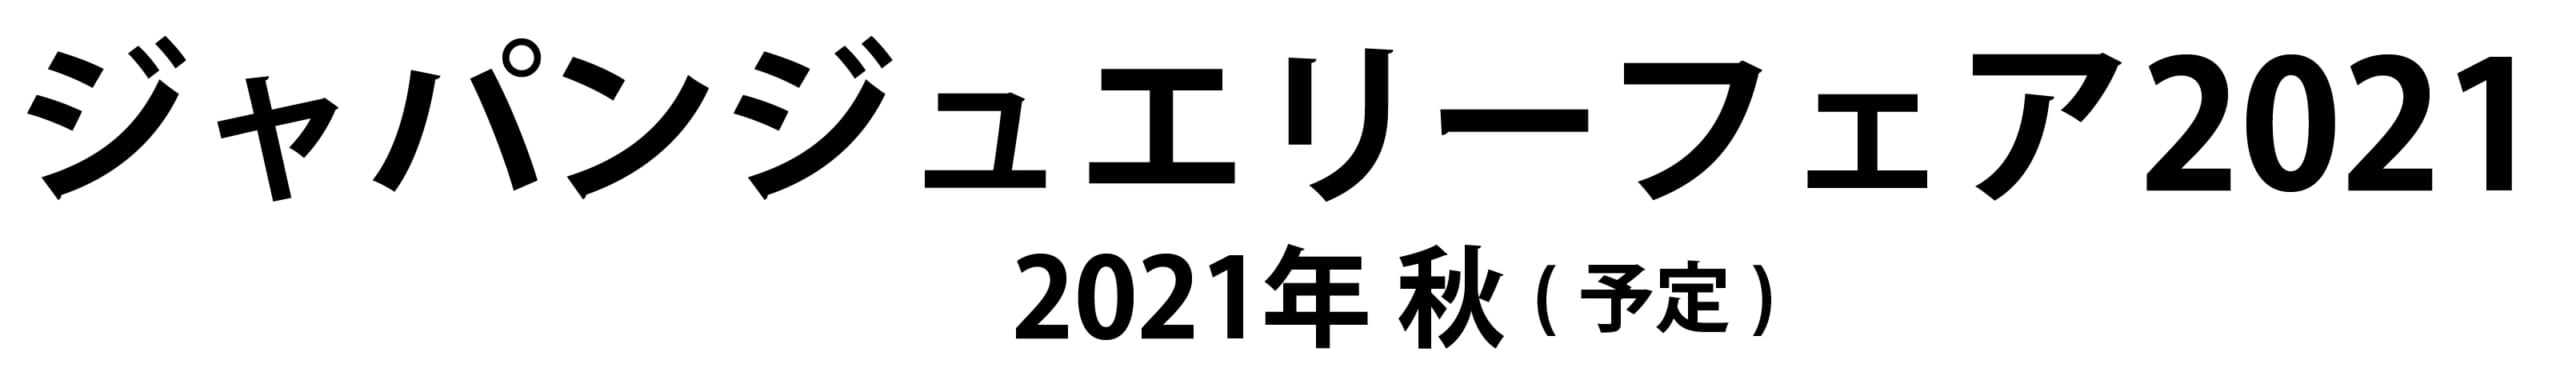 第29回 ジャパンジュエリーフェア 2021年 秋